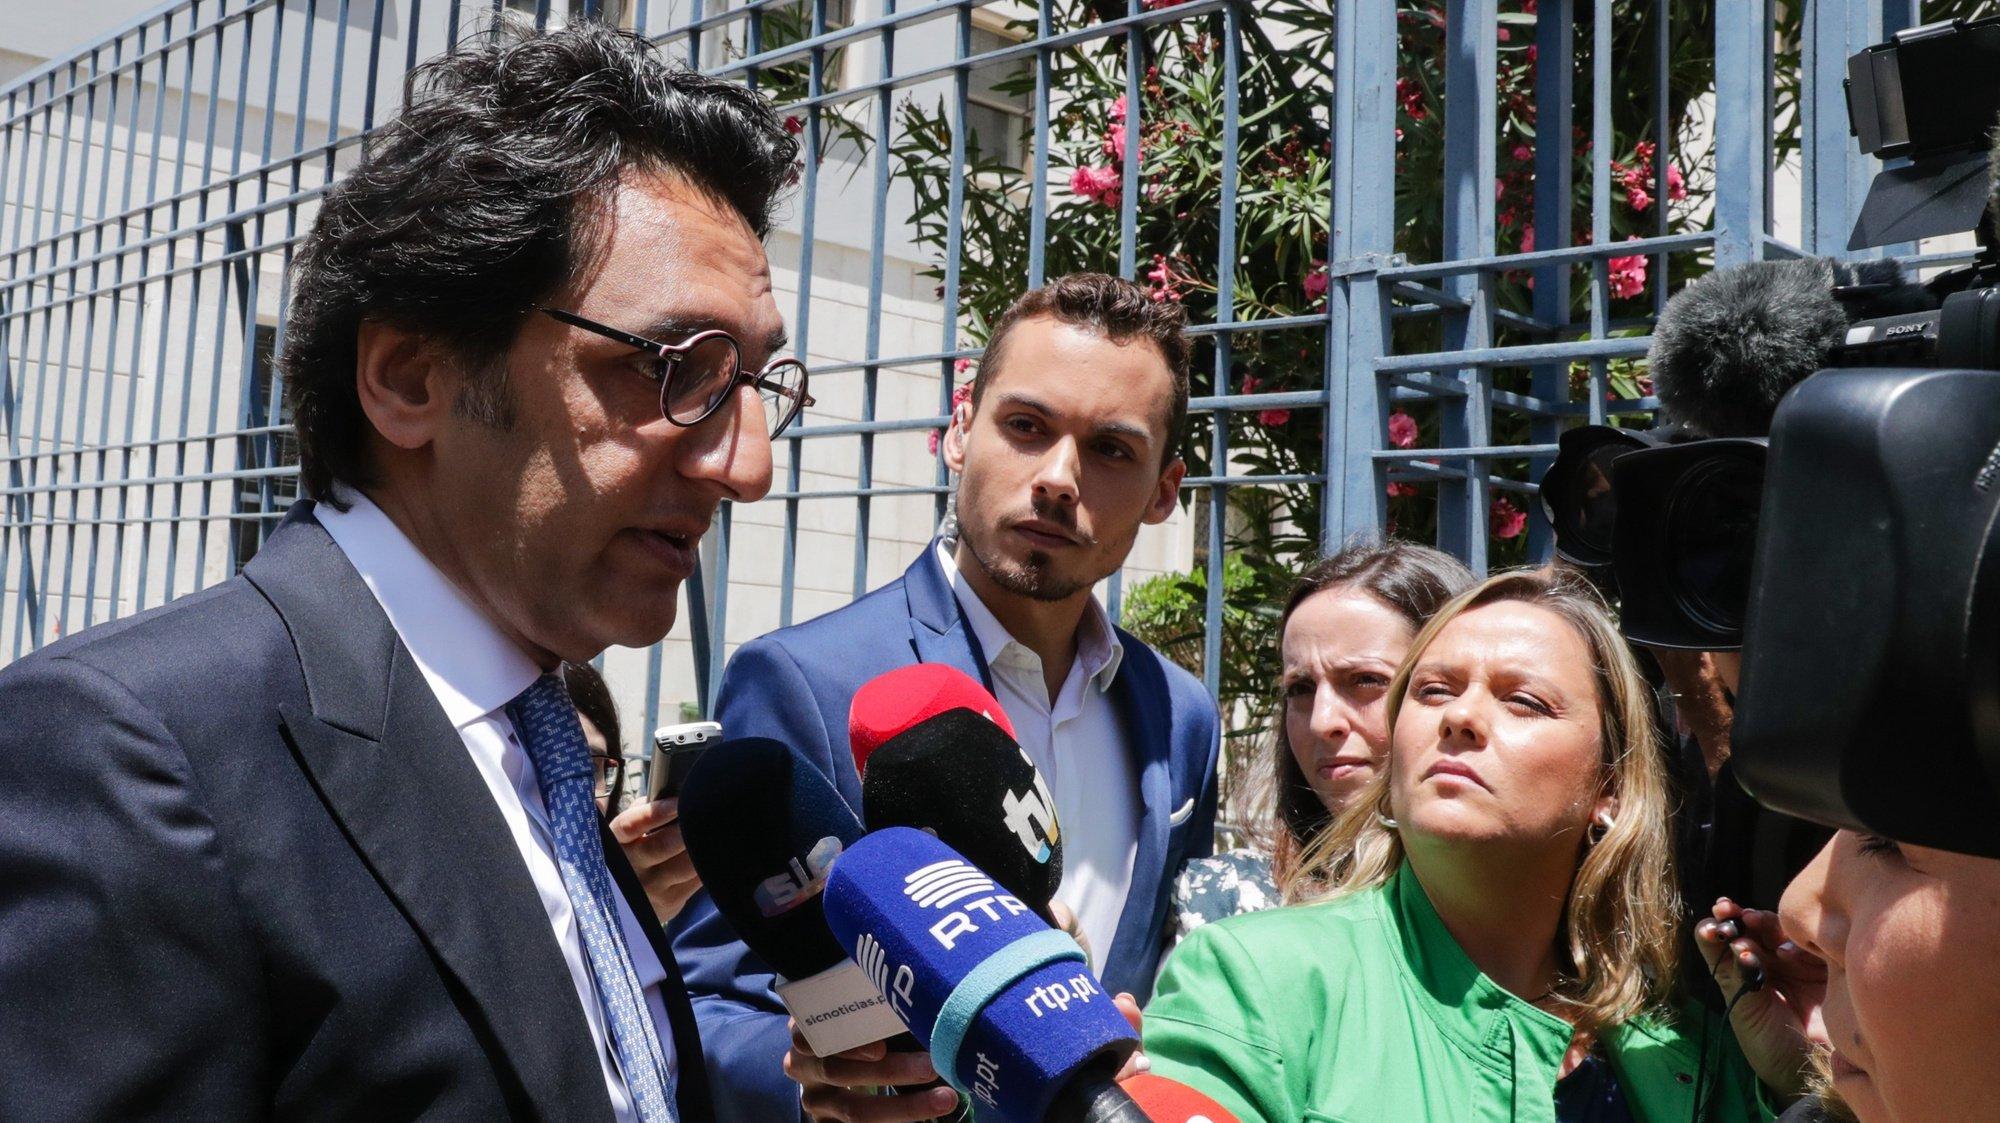 O antigo presidente da PT, Zeinal Bava, fala à imprensa à sua chegada ao Tribunal Central de Instrução Criminal em Lisboa para prestar declarações no âmbito da fase de instrução  da Operação Marquês, 26 de junho de 2019. TIAGO PETINGA/LUSA